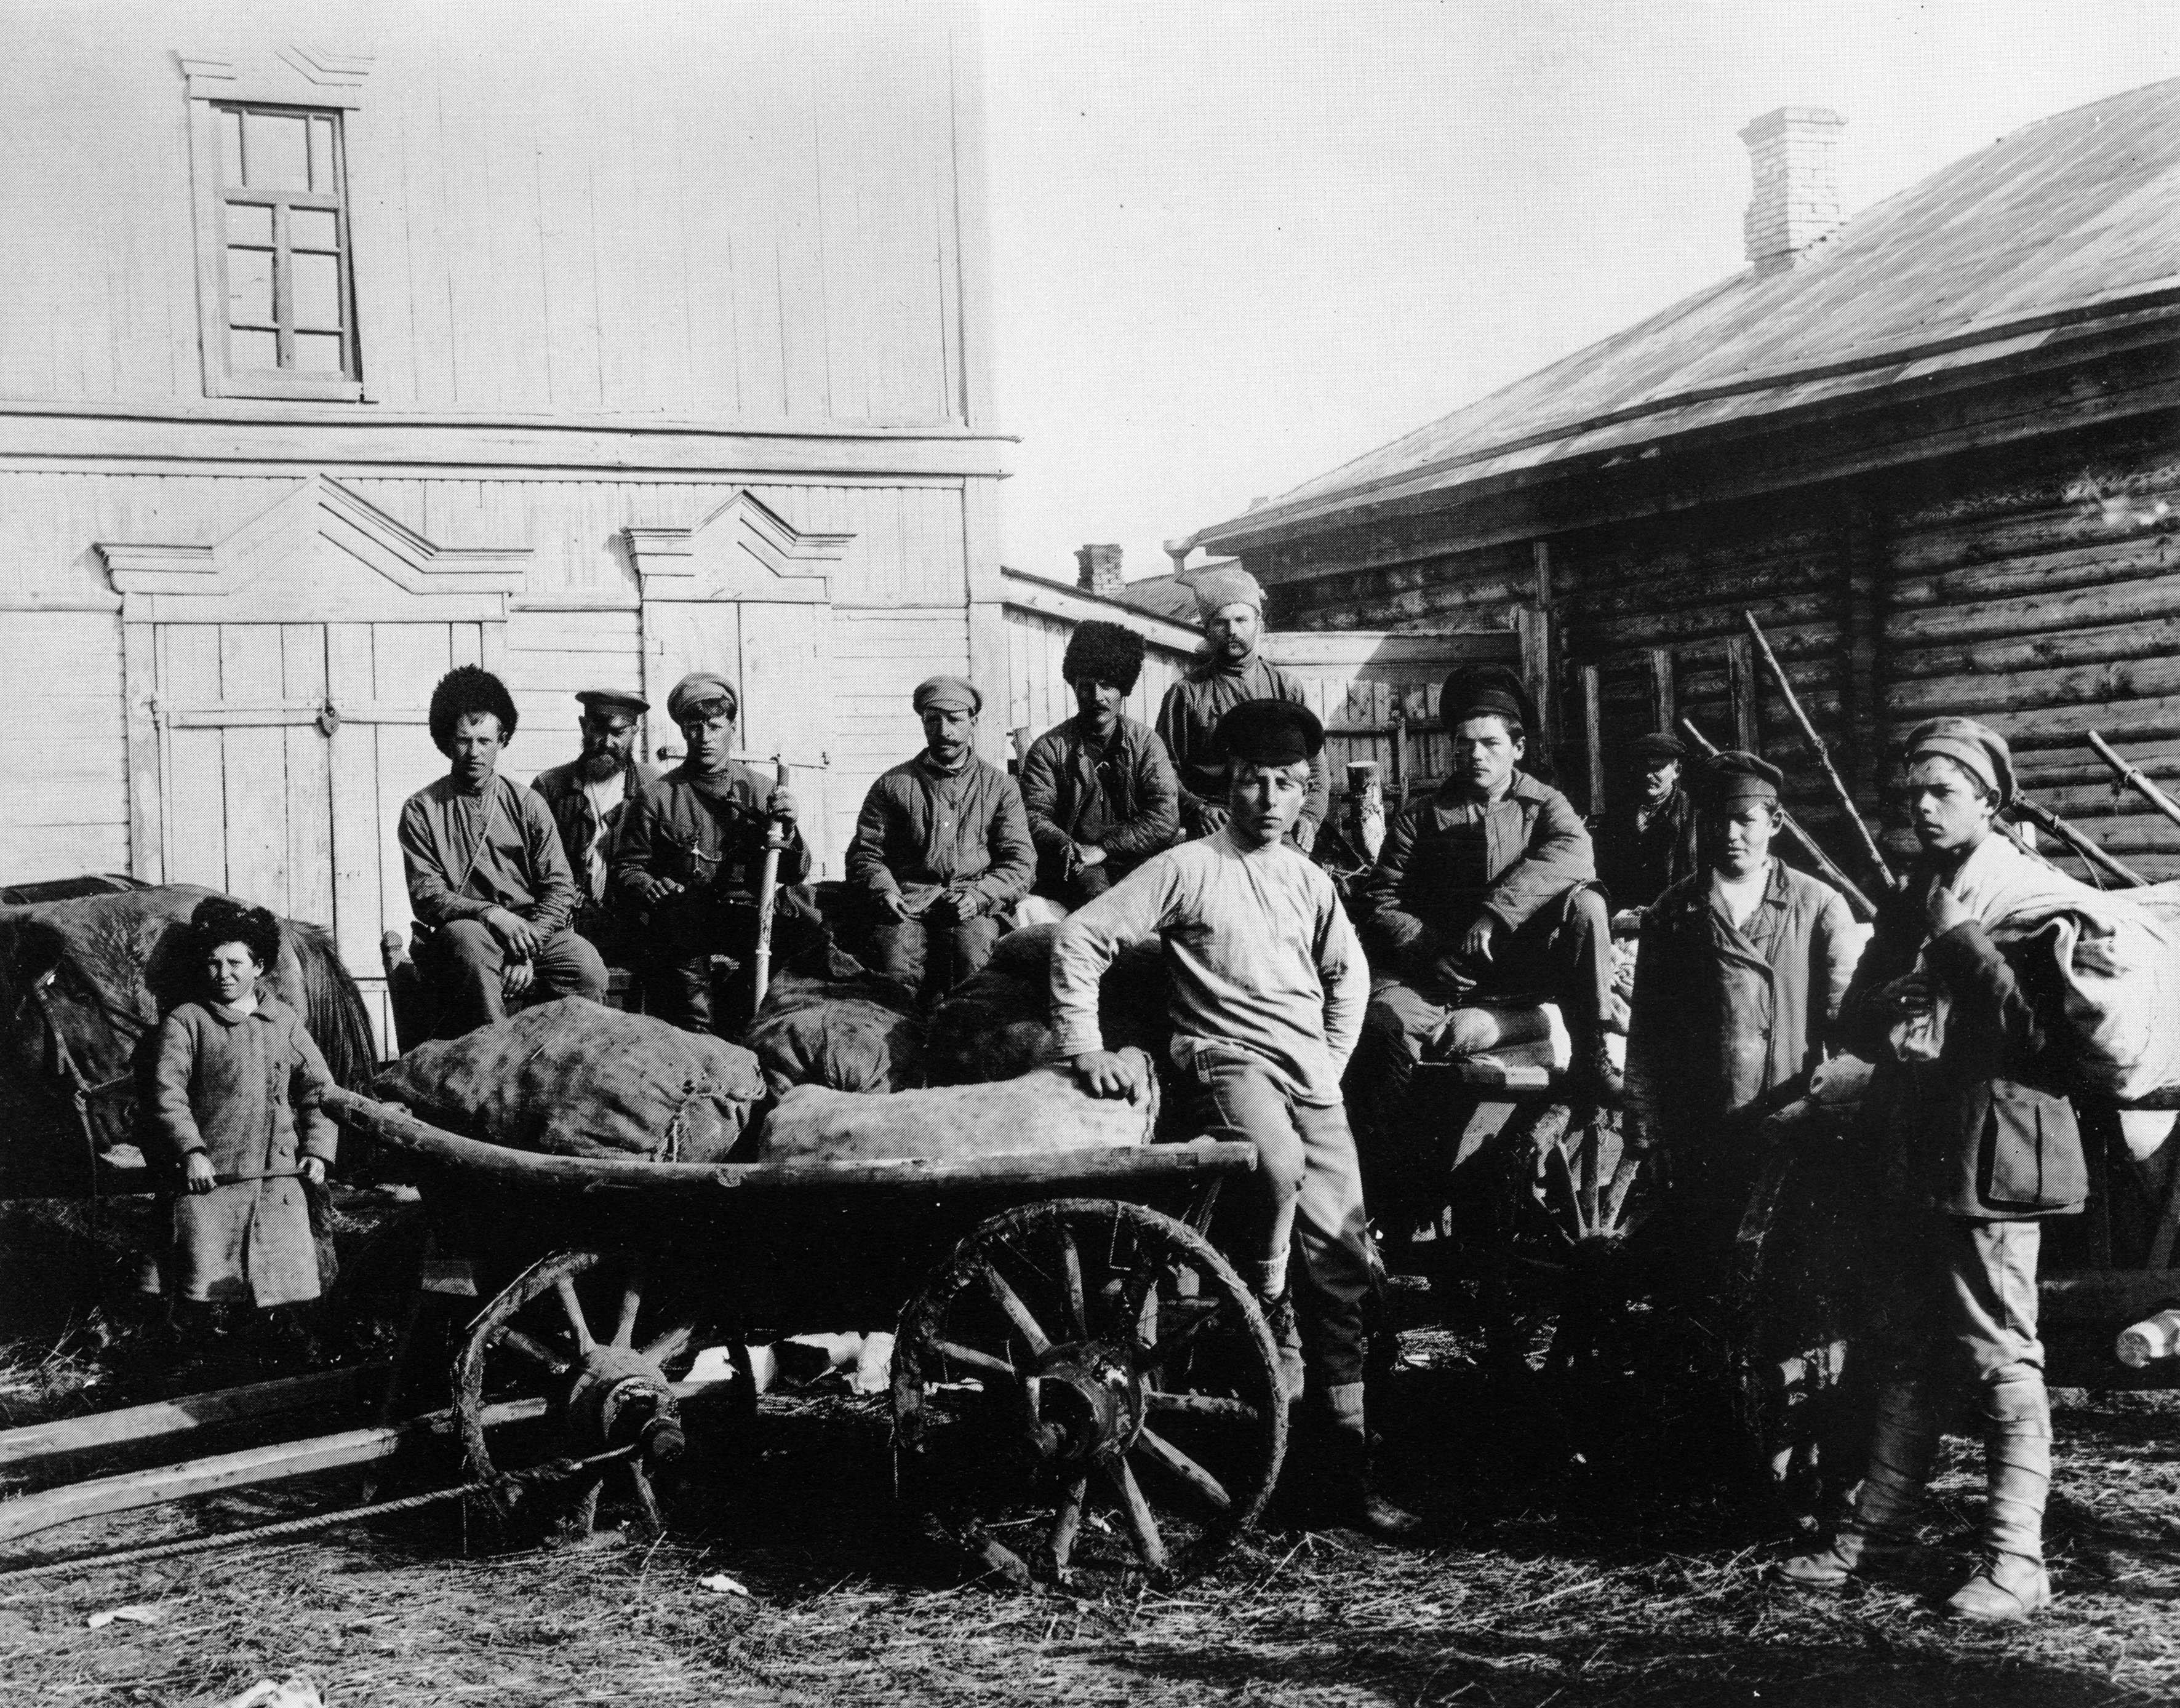 1920. Продовольствие доставленное самарскими рабочими и крестьянами для 1-го Советского батальона